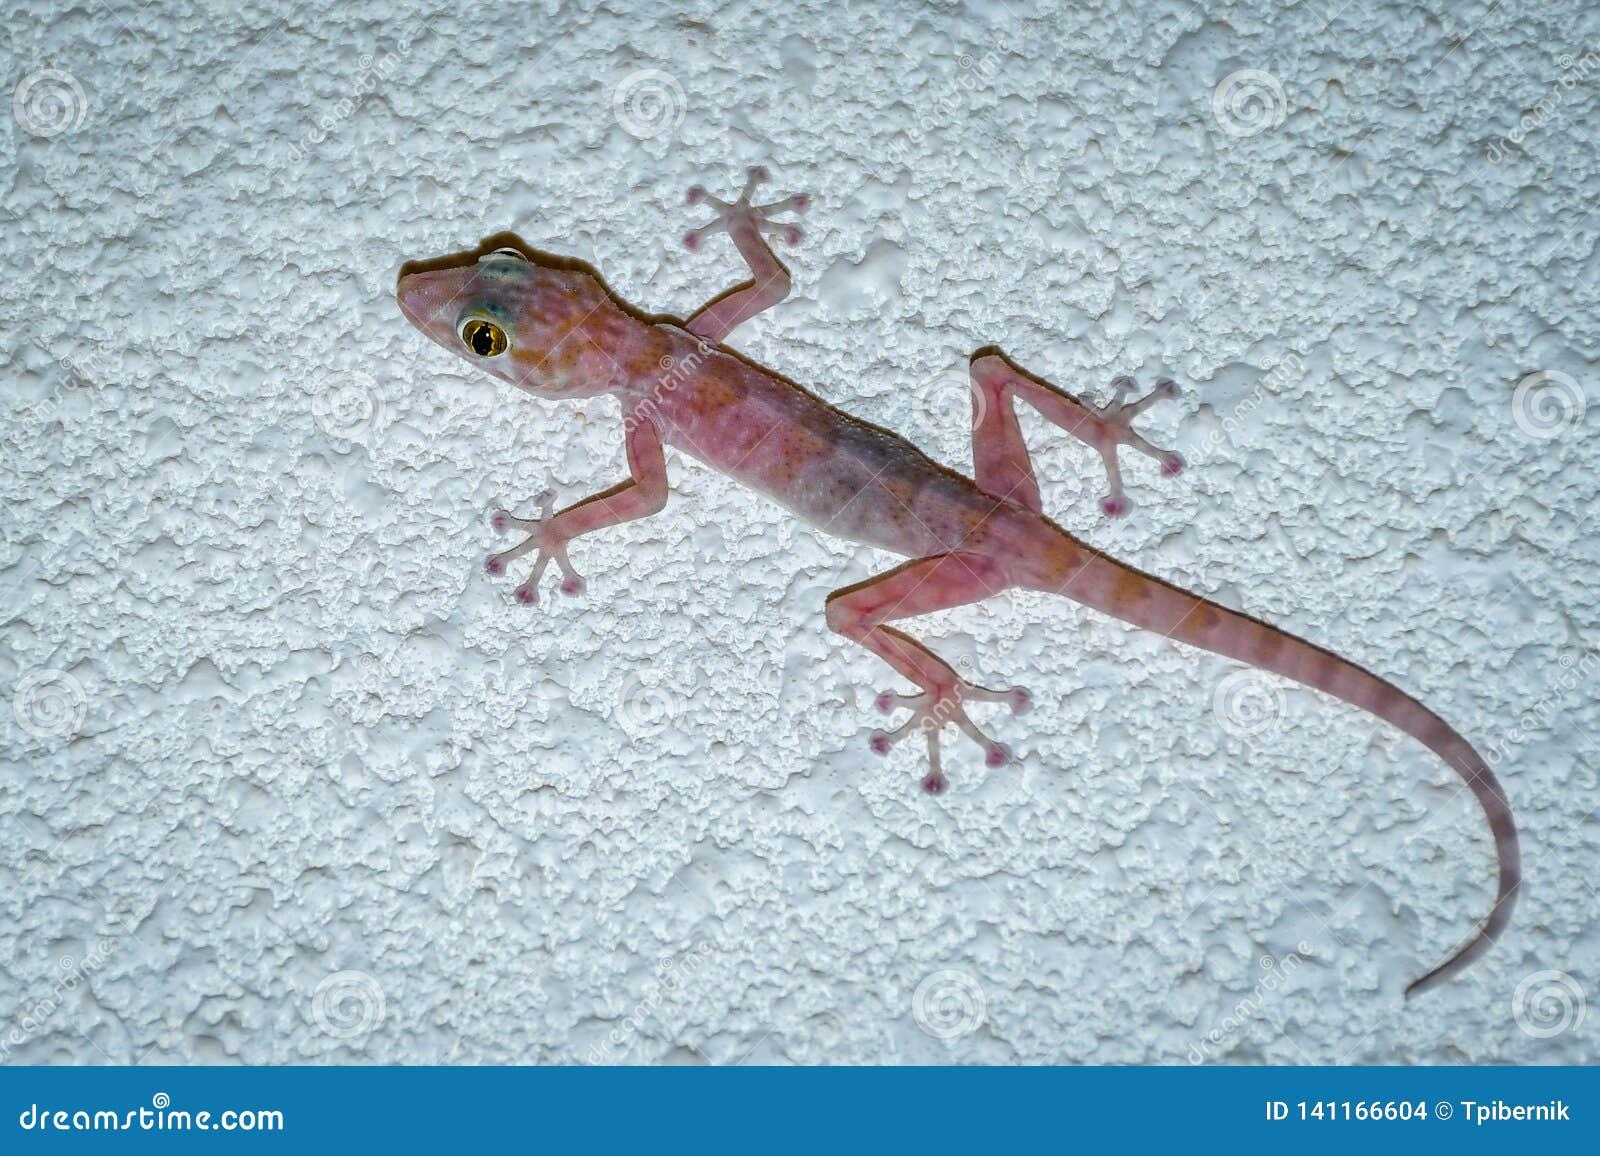 Le gecko coloré avec de grands yeux s élevant et chassant vole